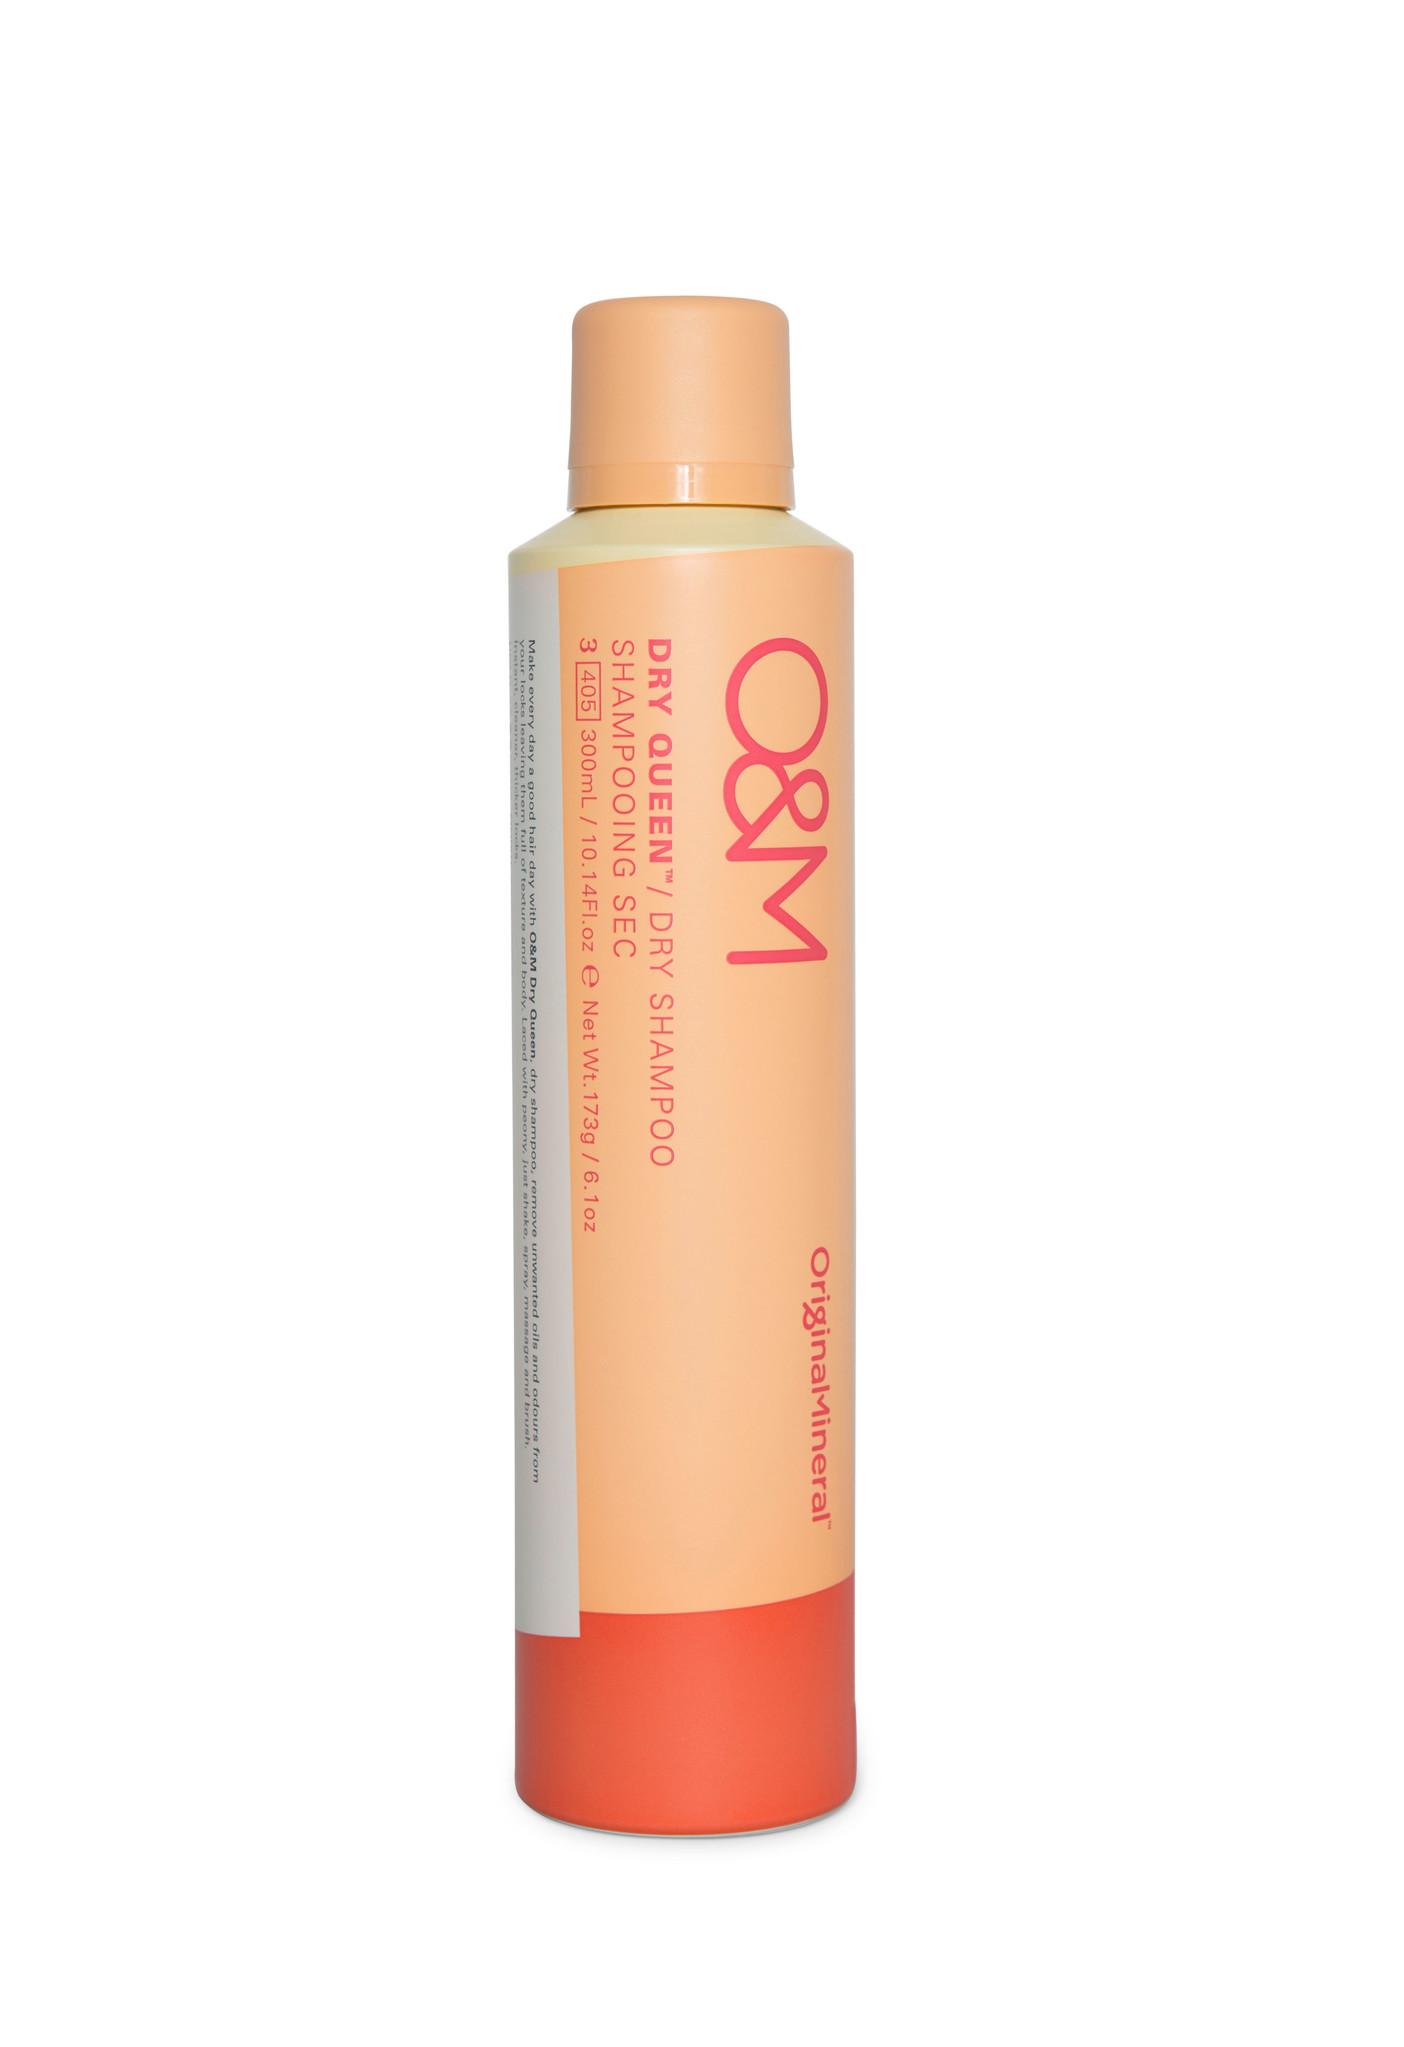 O&M - Original Mineral O&M Original Queen Dry Shampoo - Shampooing Sec  - 300ml